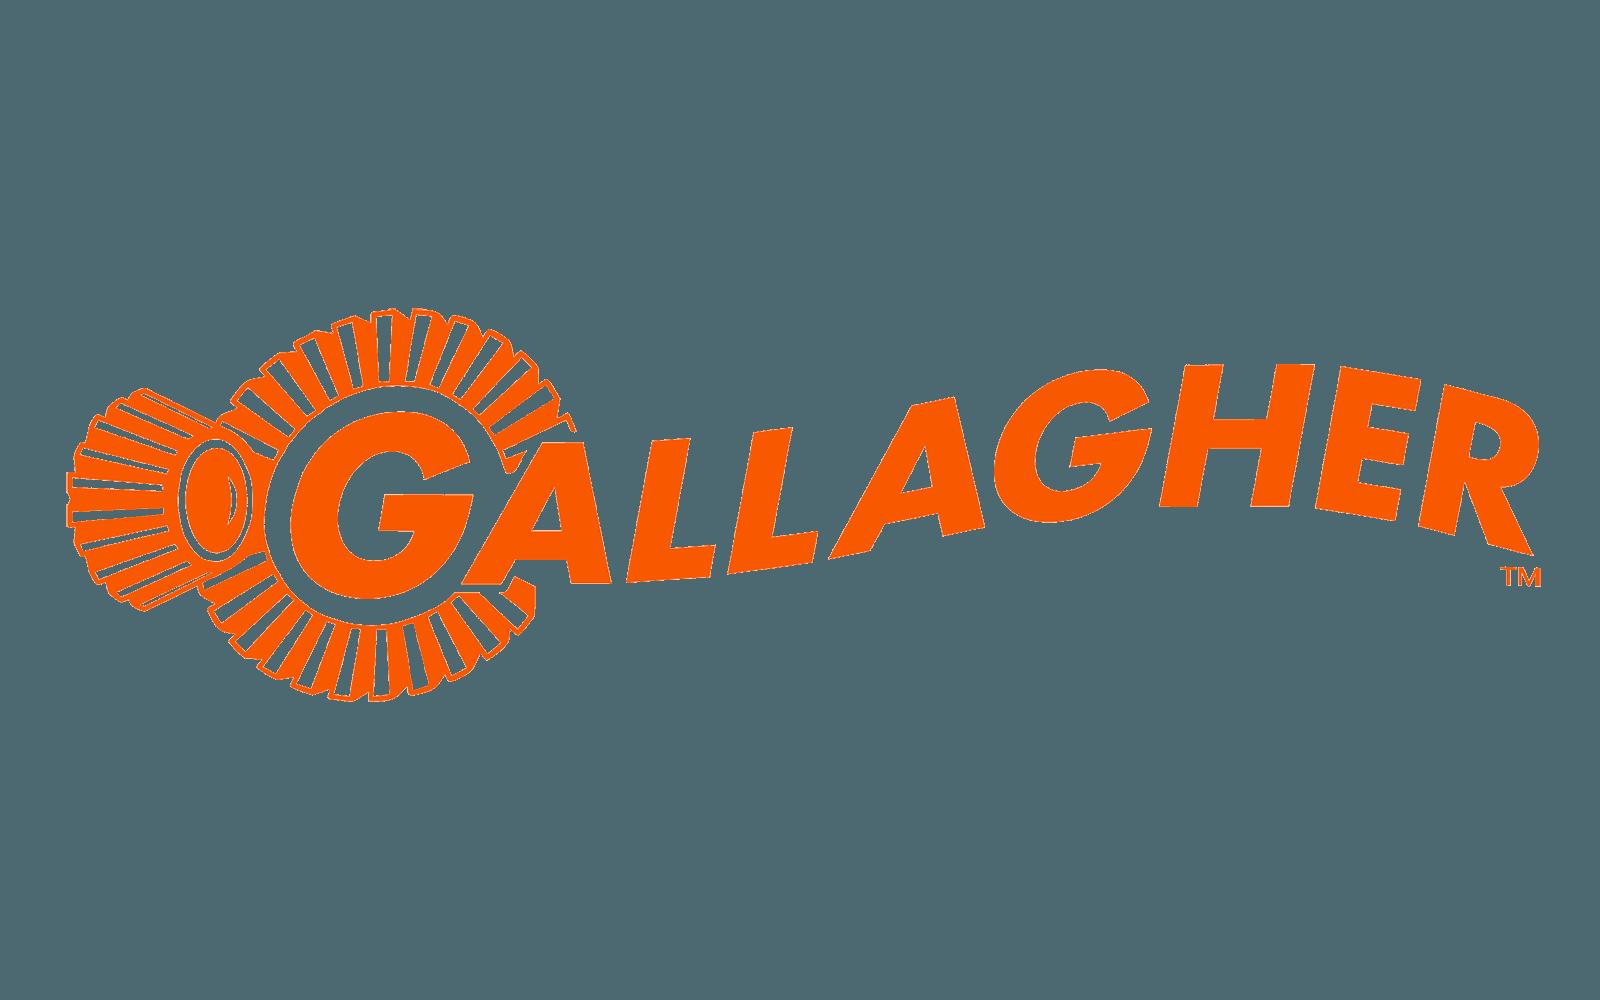 Gallaghher